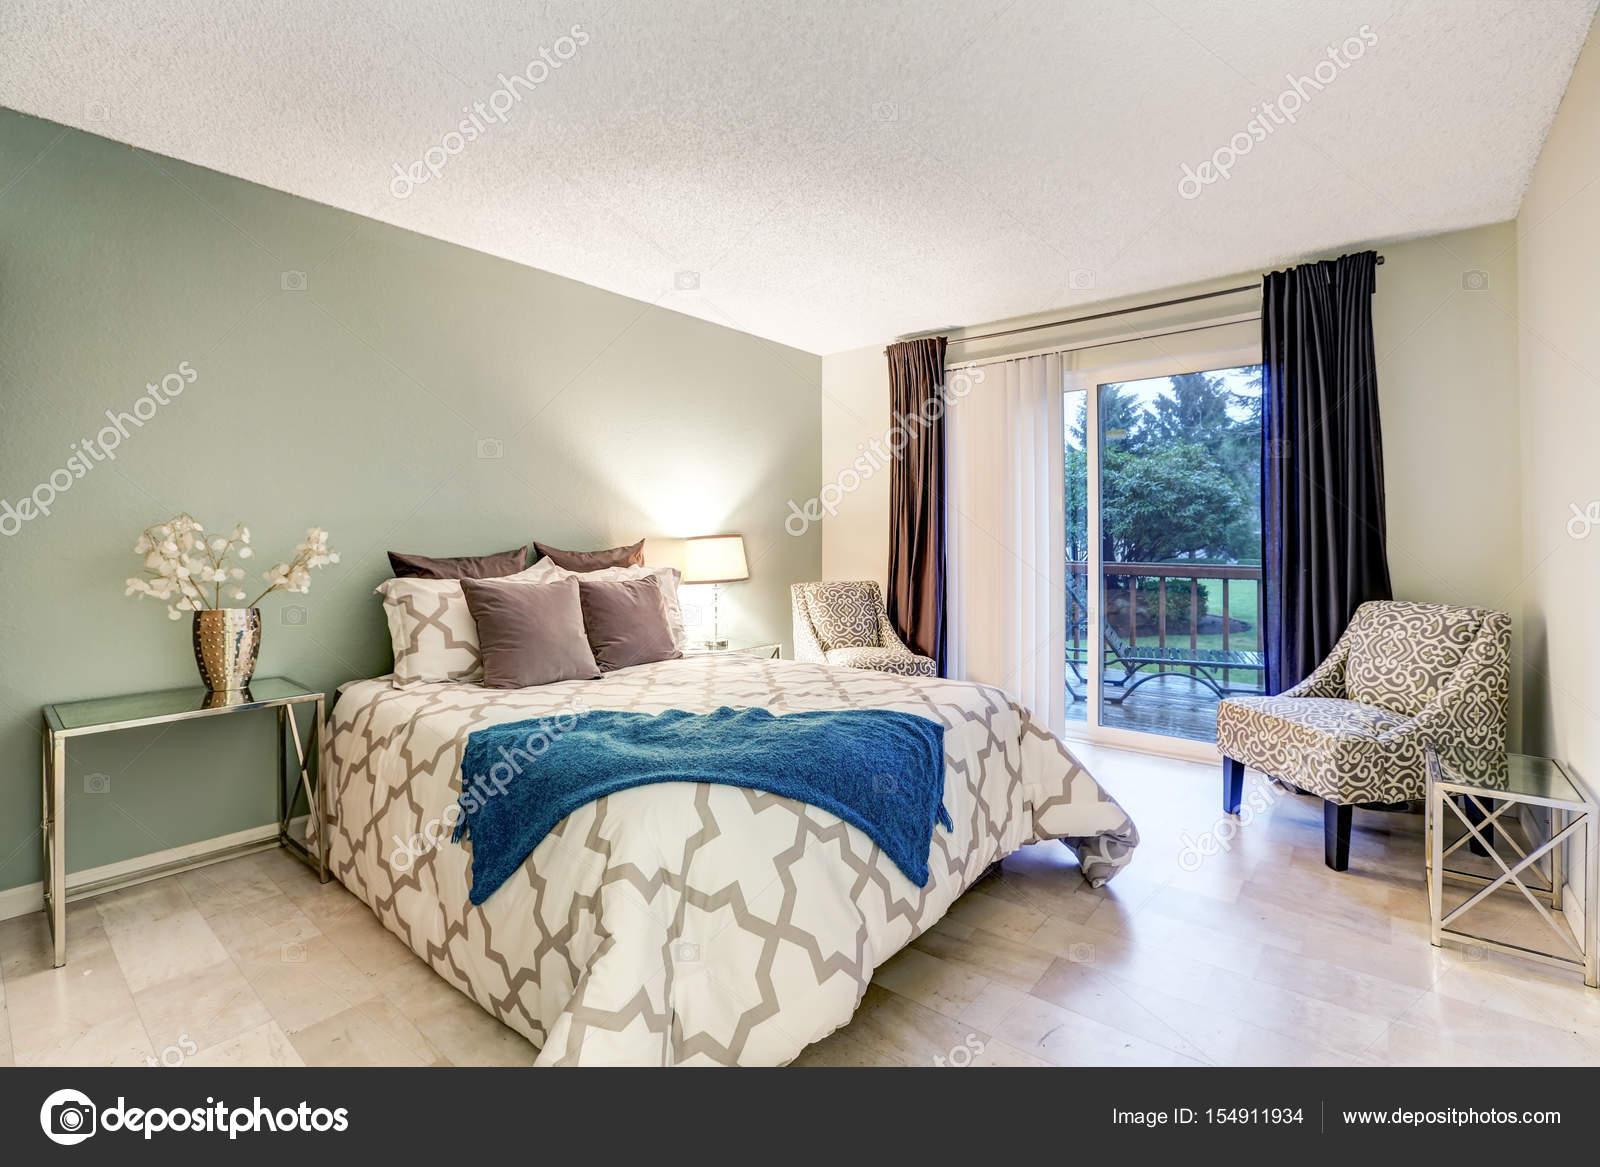 https://st3.depositphotos.com/1041088/15491/i/1600/depositphotos_154911934-stockafbeelding-slaapkamer-interieur-met-beige-en.jpg